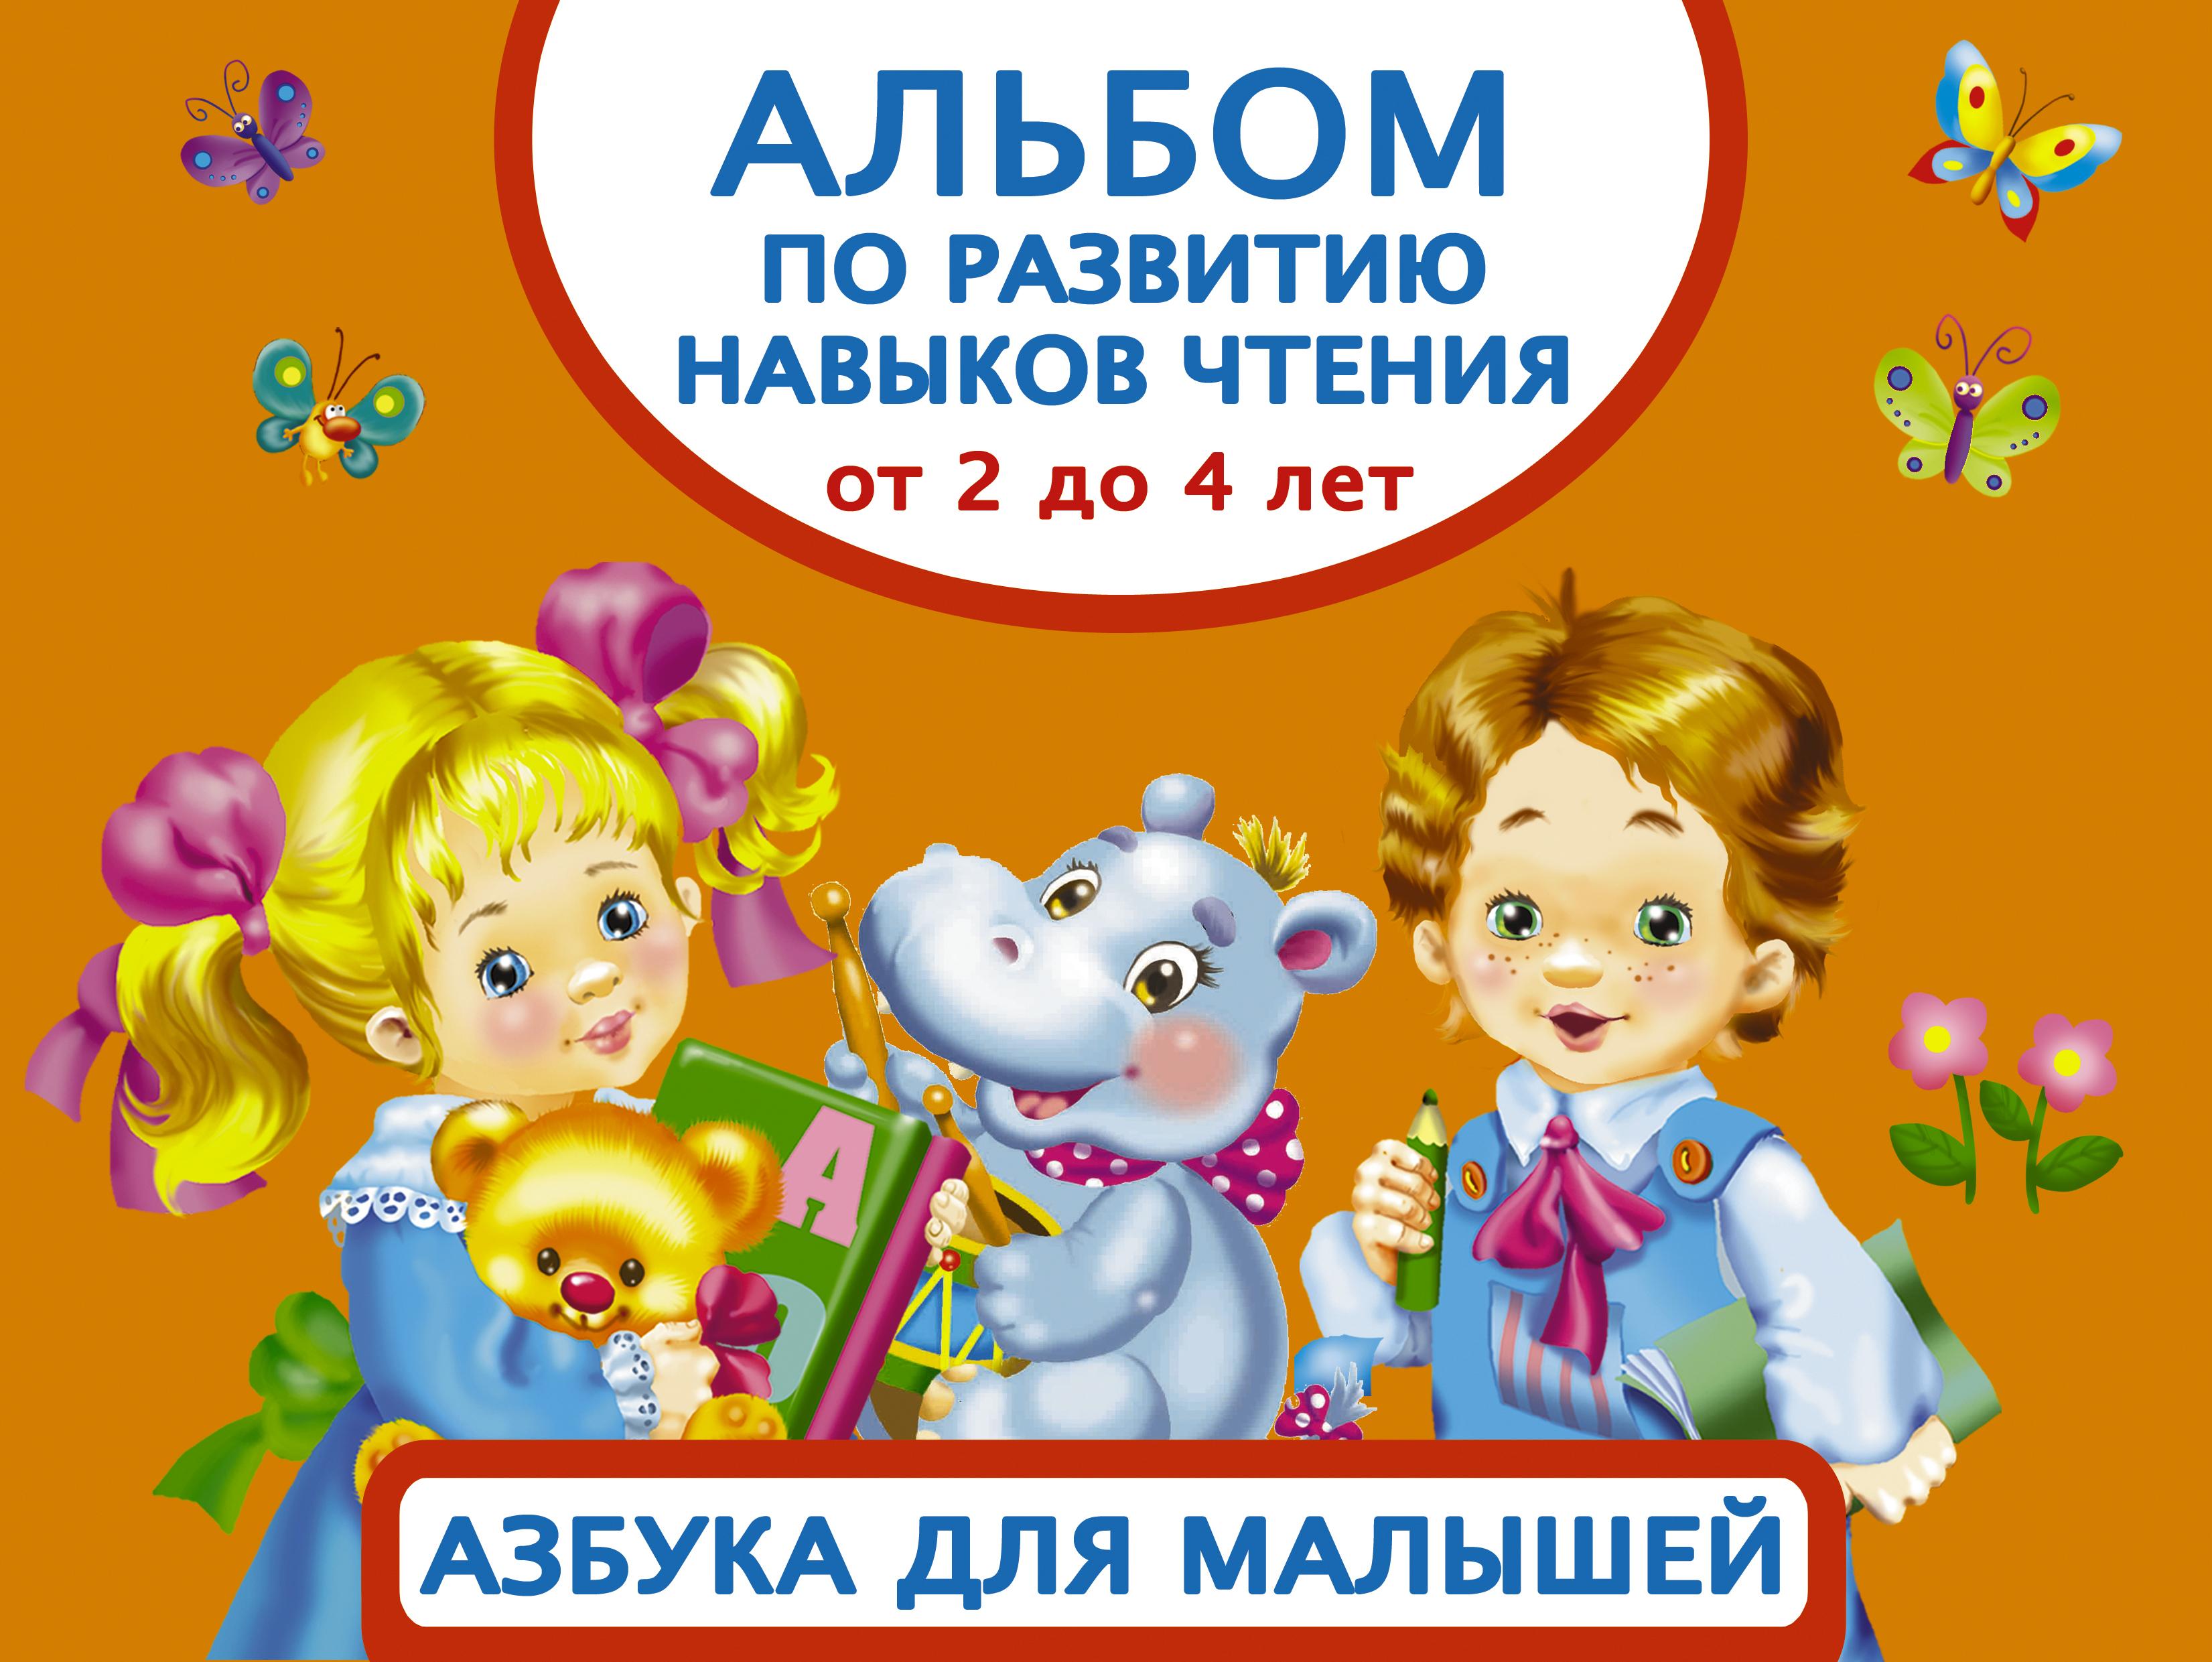 Альбом по развитию навыков чтения. Азбука для малышей. От 2 до 4 лет. Тартаковская Зинаида Давыдовна